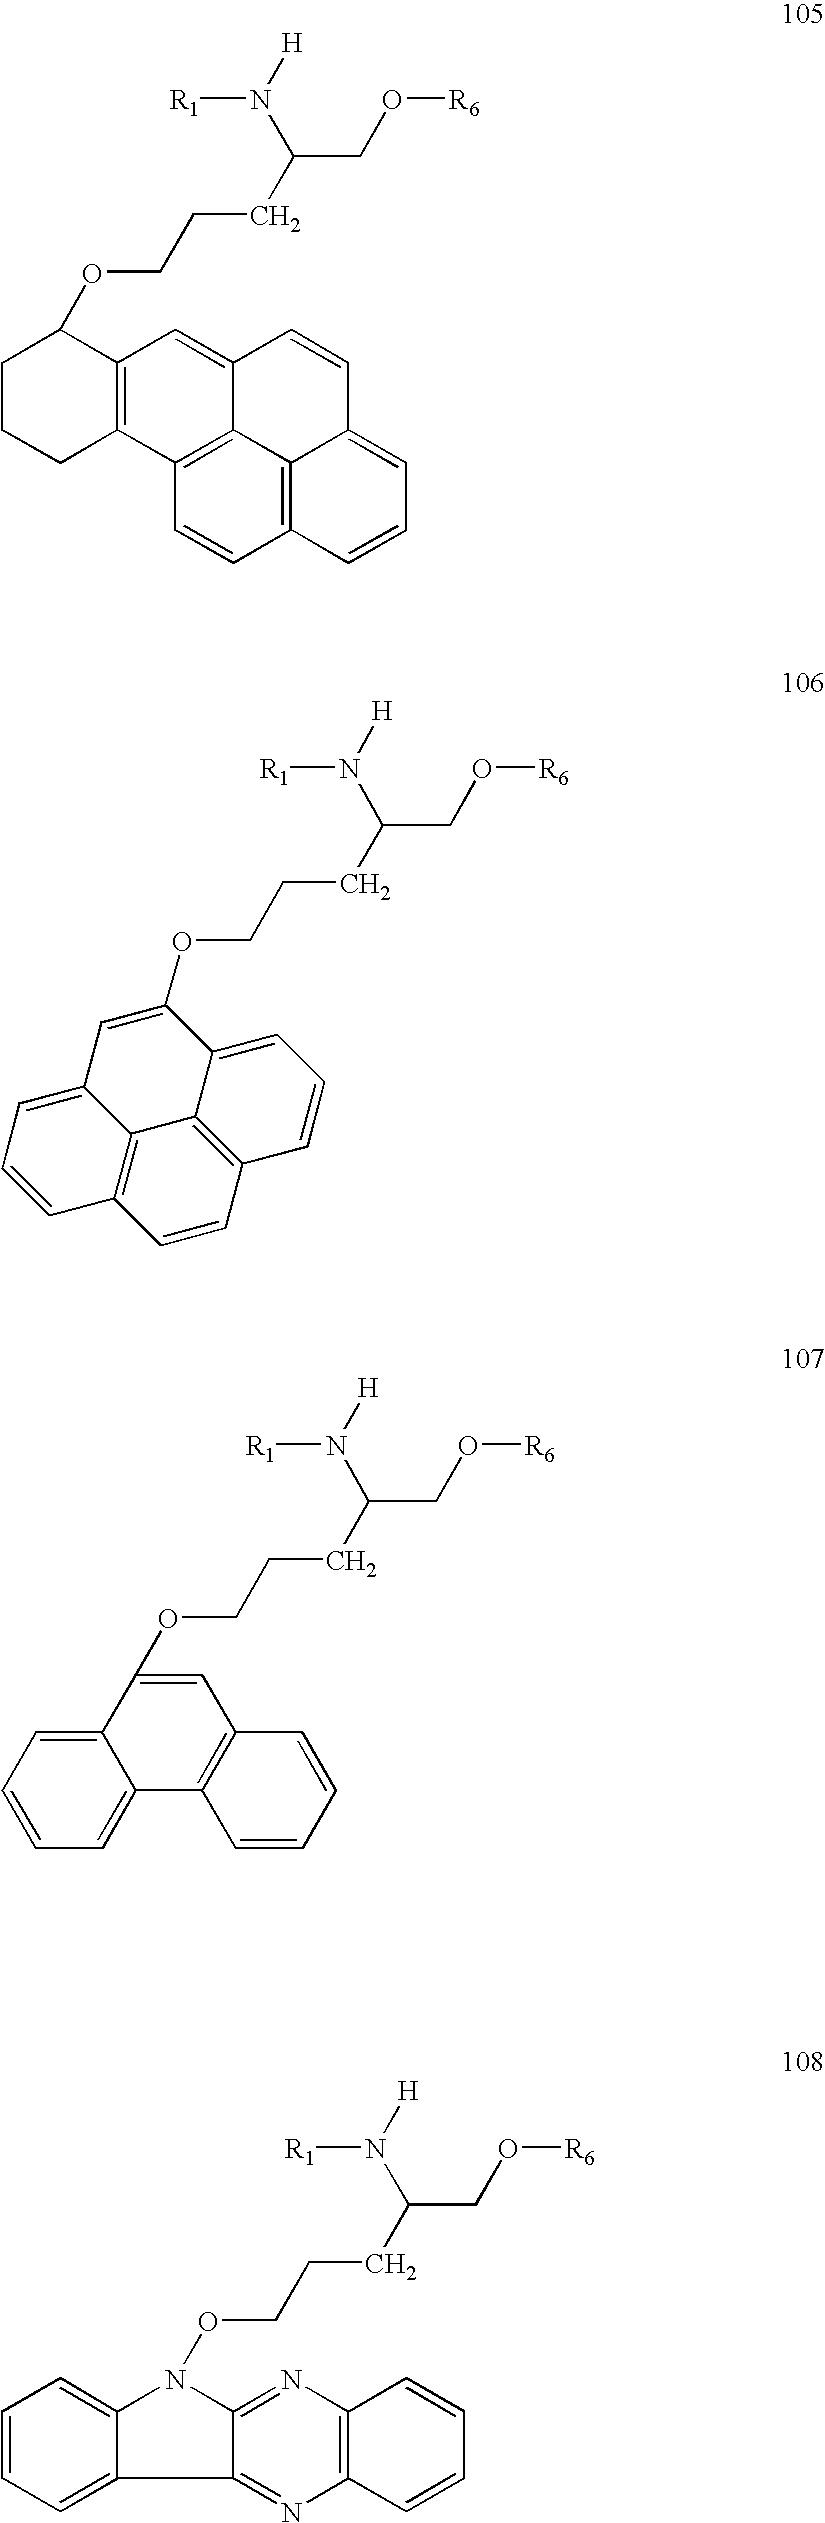 Figure US20060014144A1-20060119-C00110